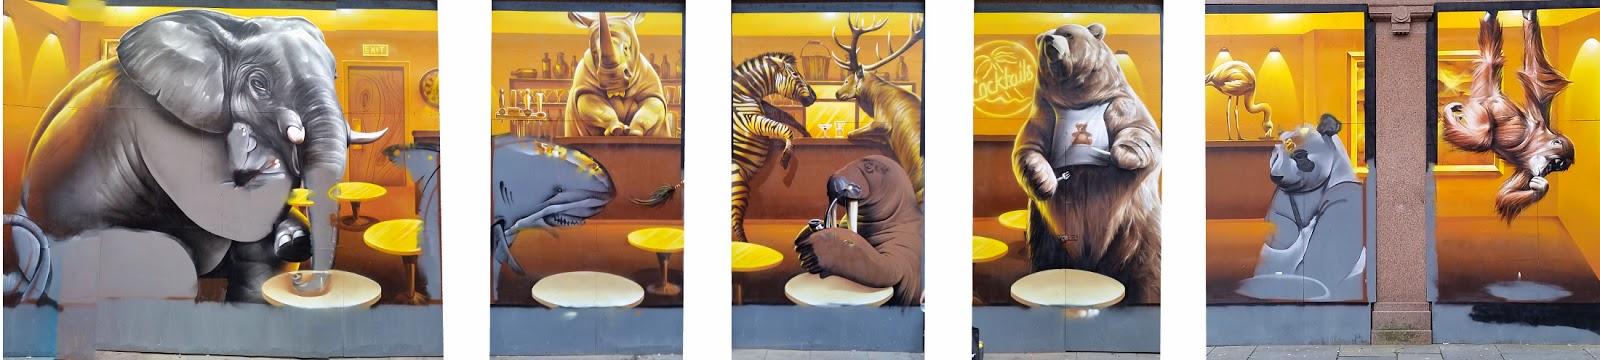 SMUG, Argyle St, Party Animals